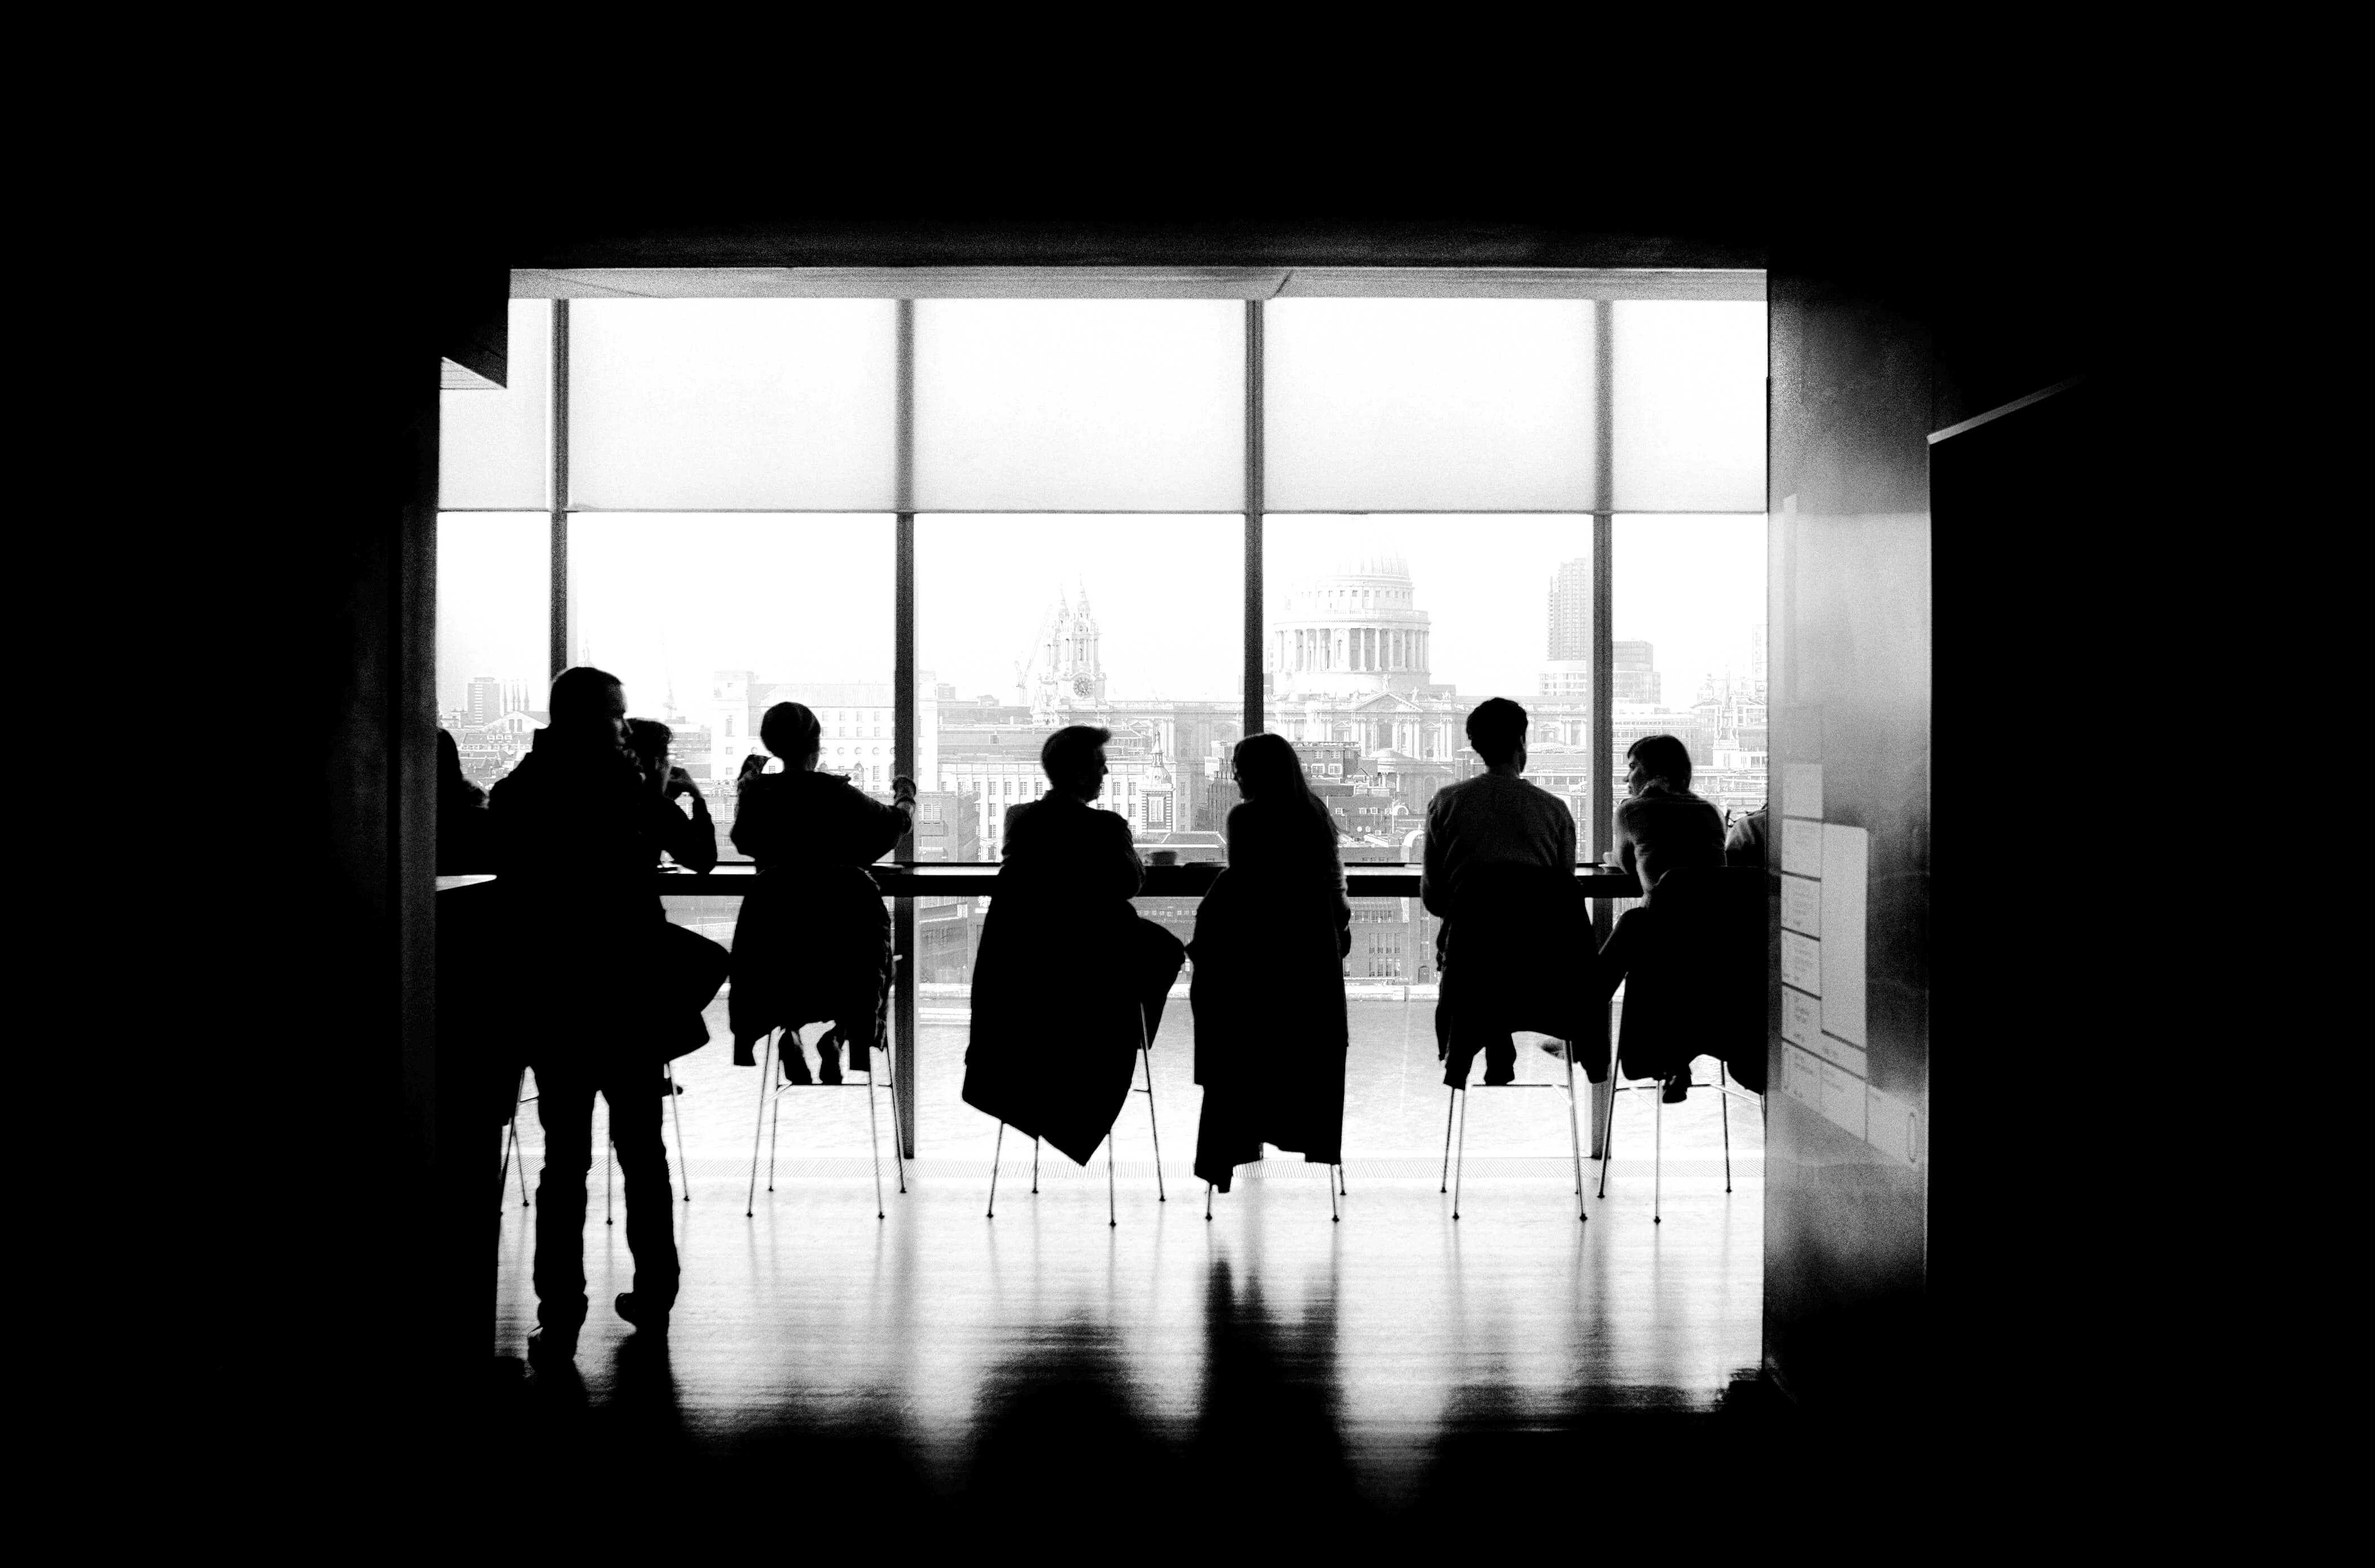 5 factores para elegir tu plataforma de capacitación empresarial ideal